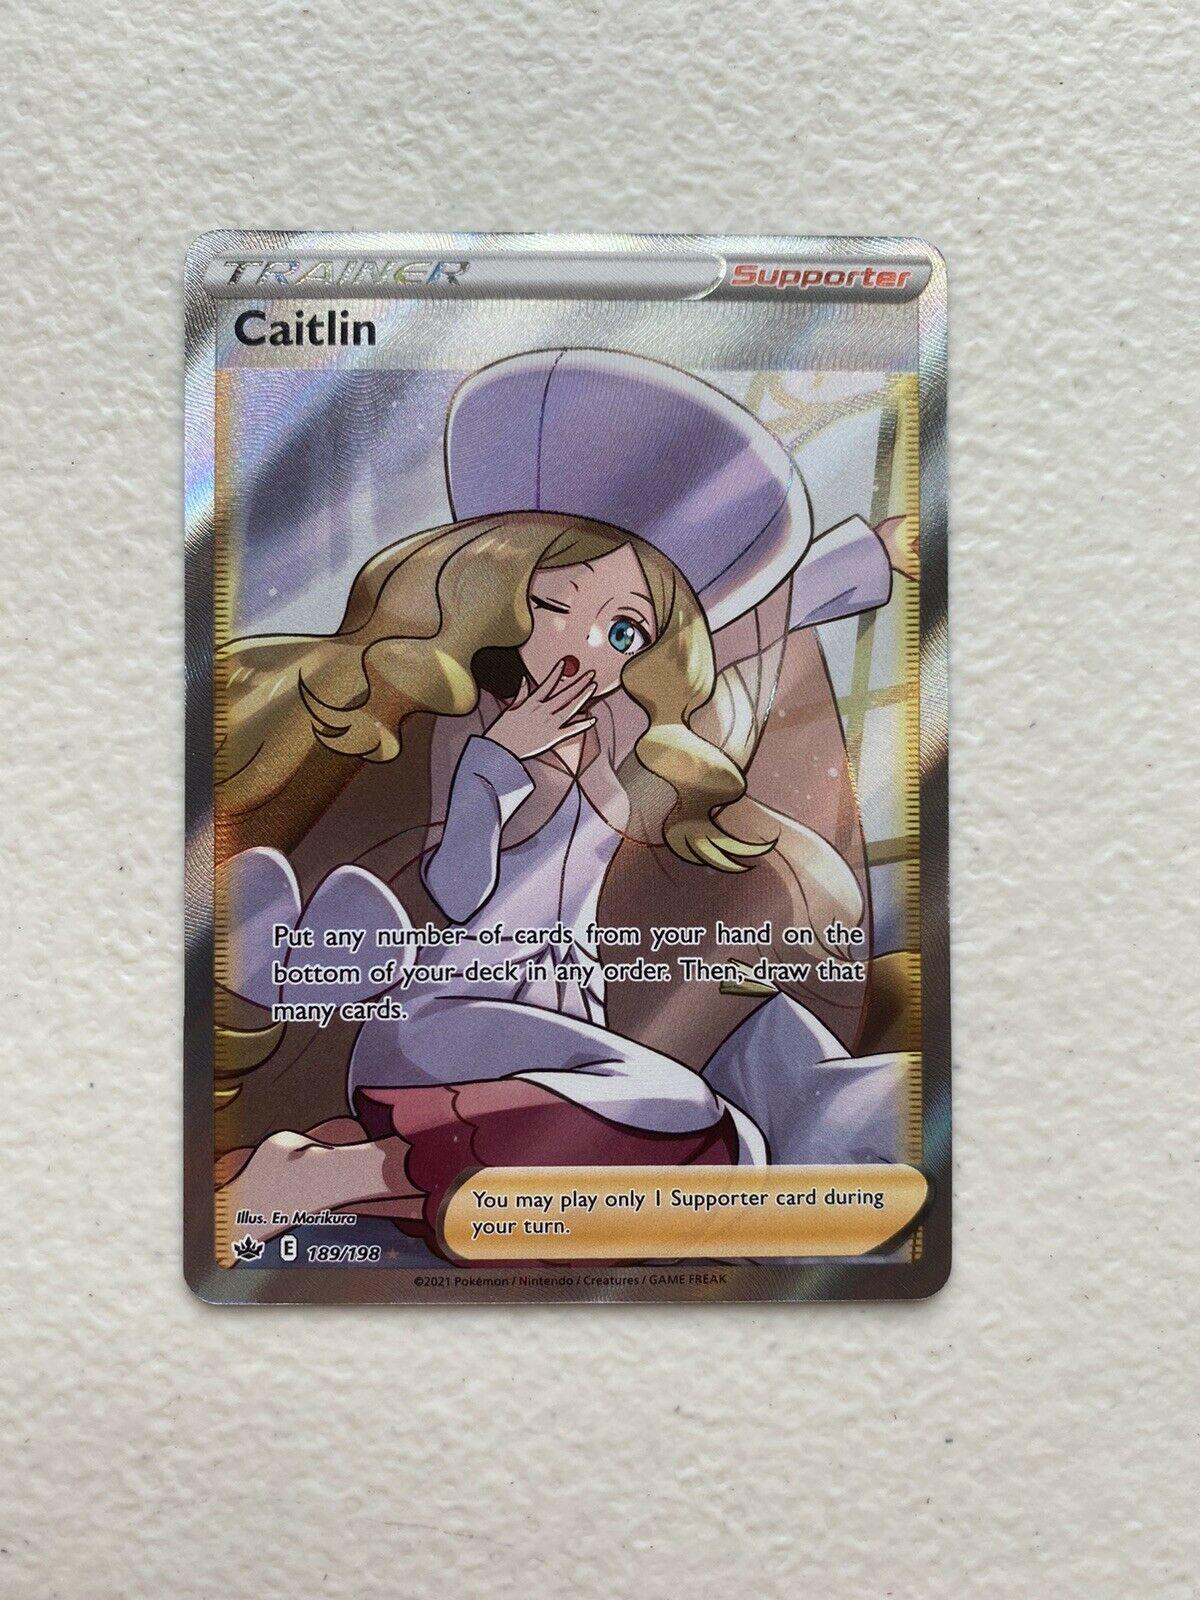 Caitlin Full Art Trainer 189/198 Chilling Reign Pokemon Card NM/M